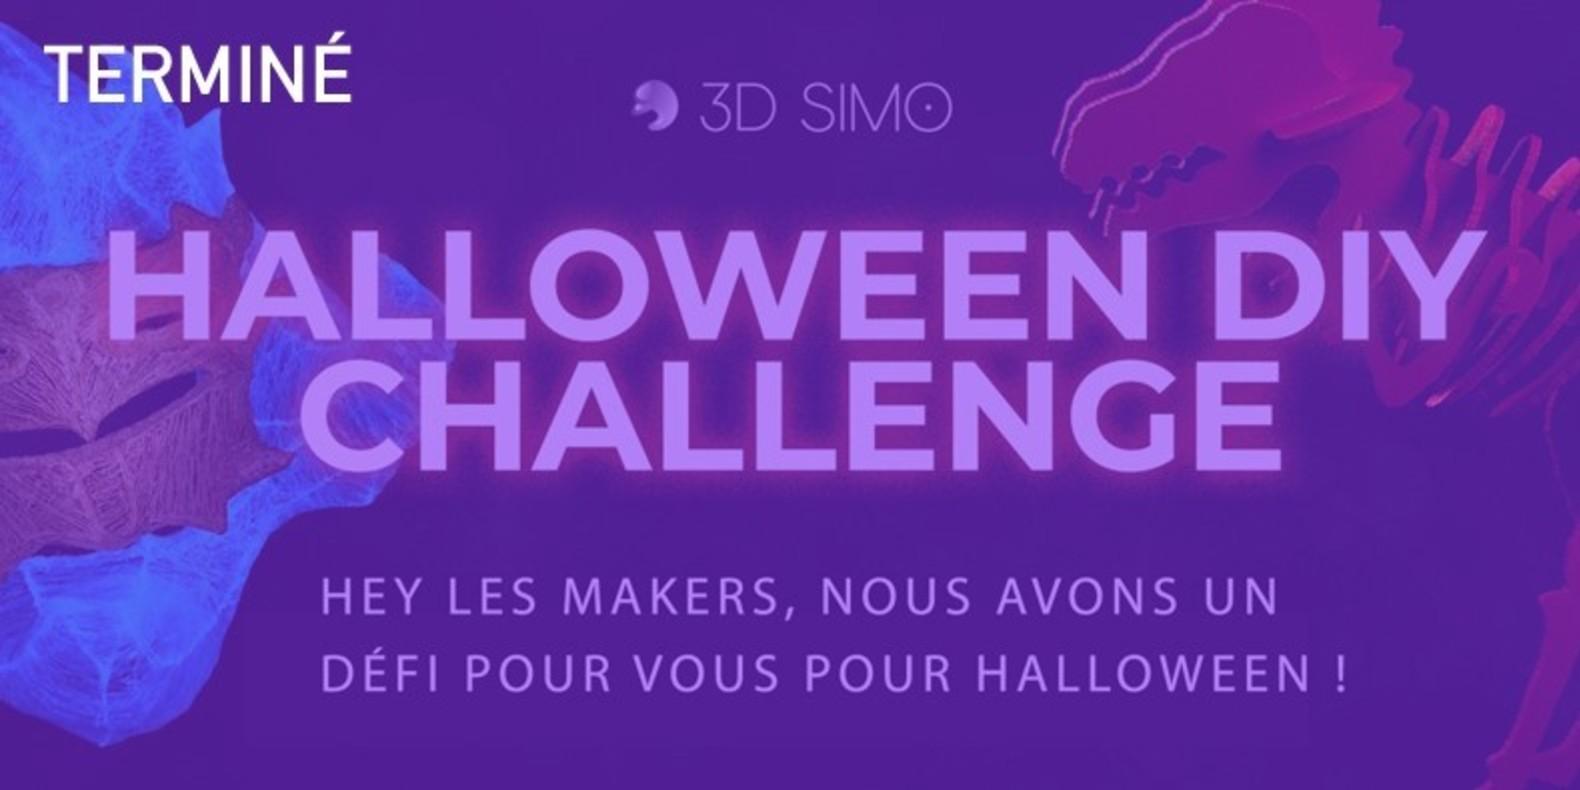 Hey les makers, Halloween est proche et nous avons un défi pour vous !